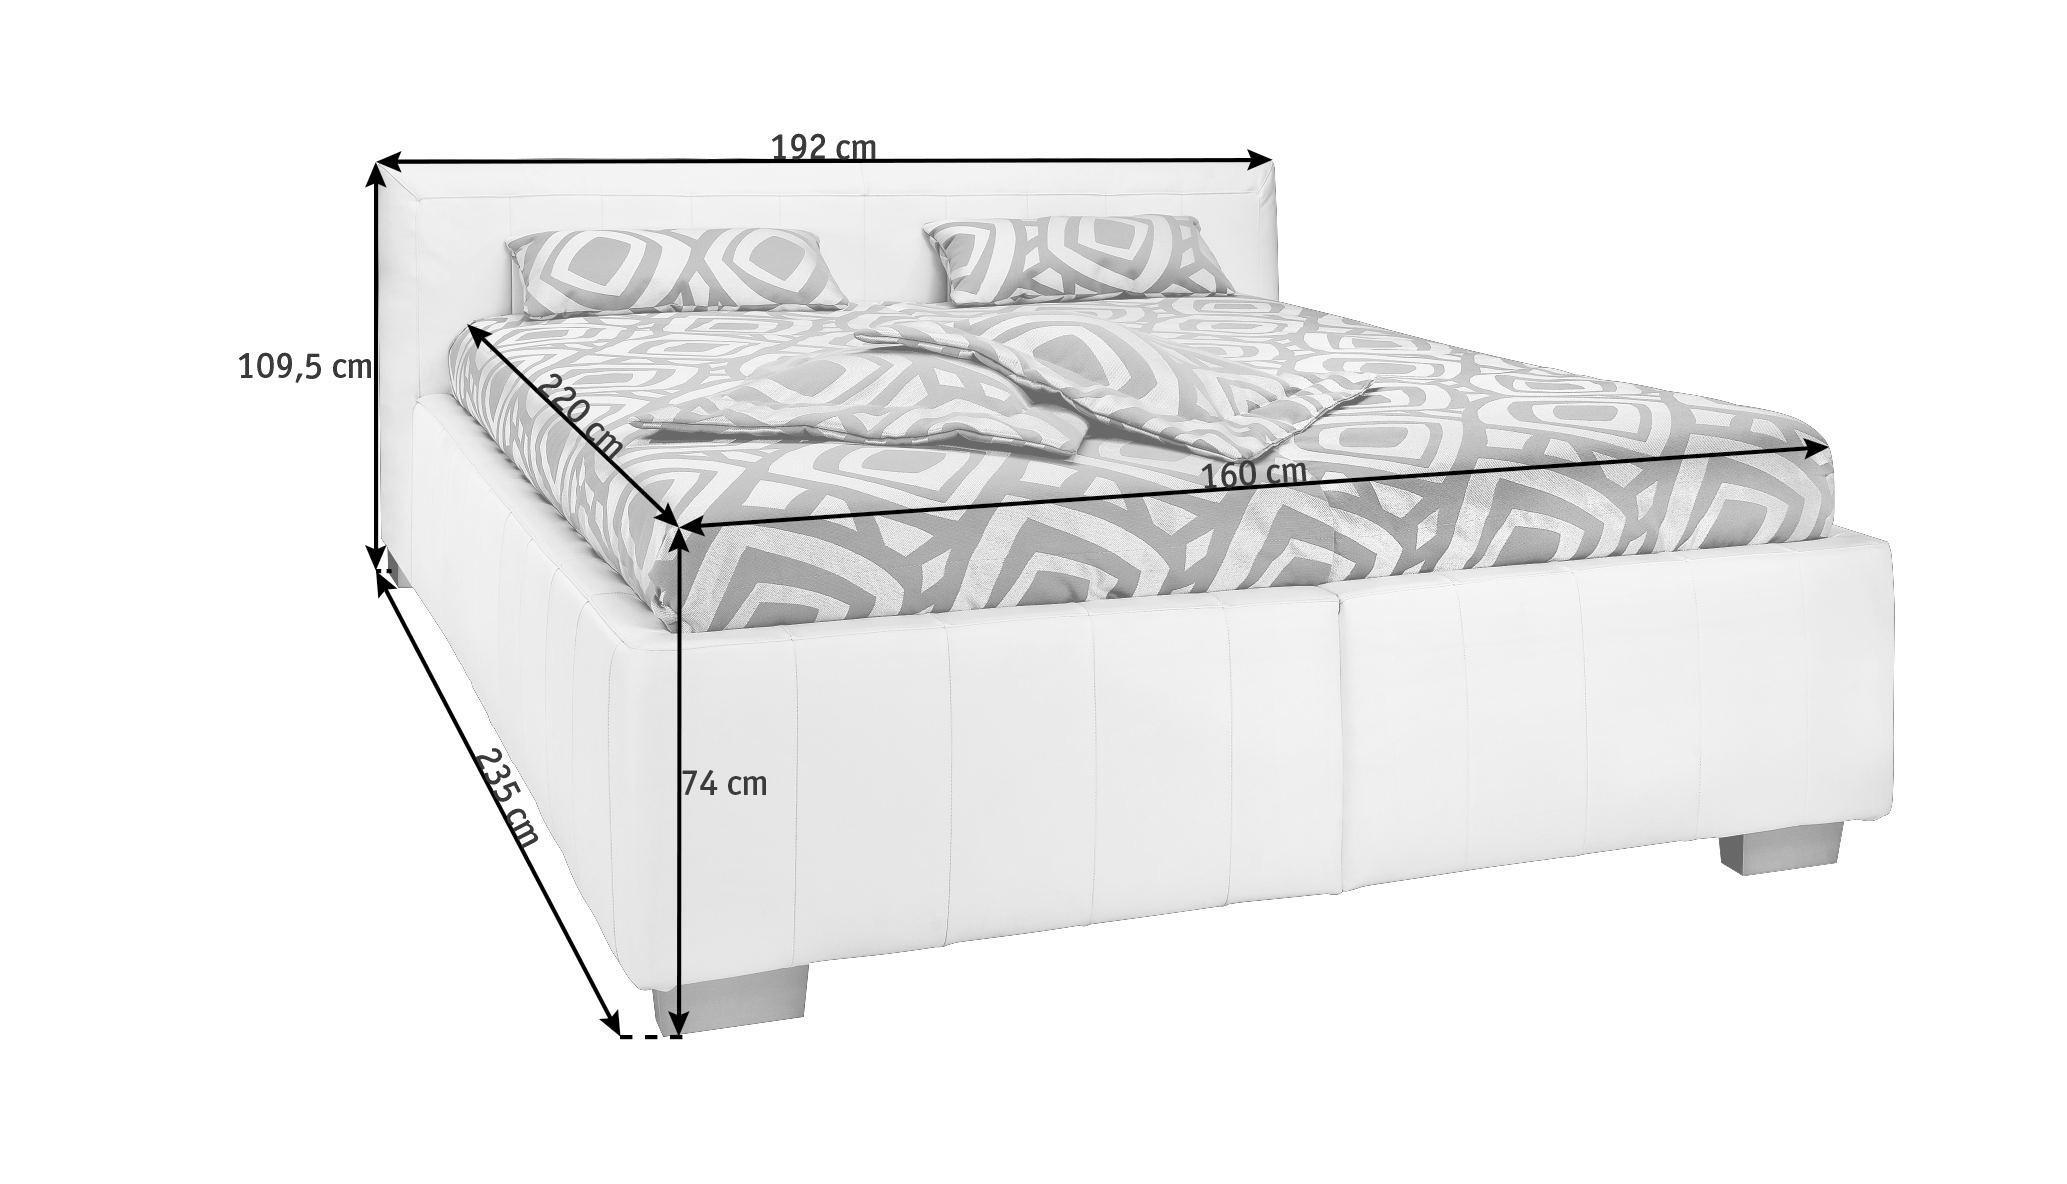 POLSTERBETT 160/220 cm - Silberfarben/Weiß, KONVENTIONELL, Leder/Holz (160/220cm) - ADA AUSTRIA